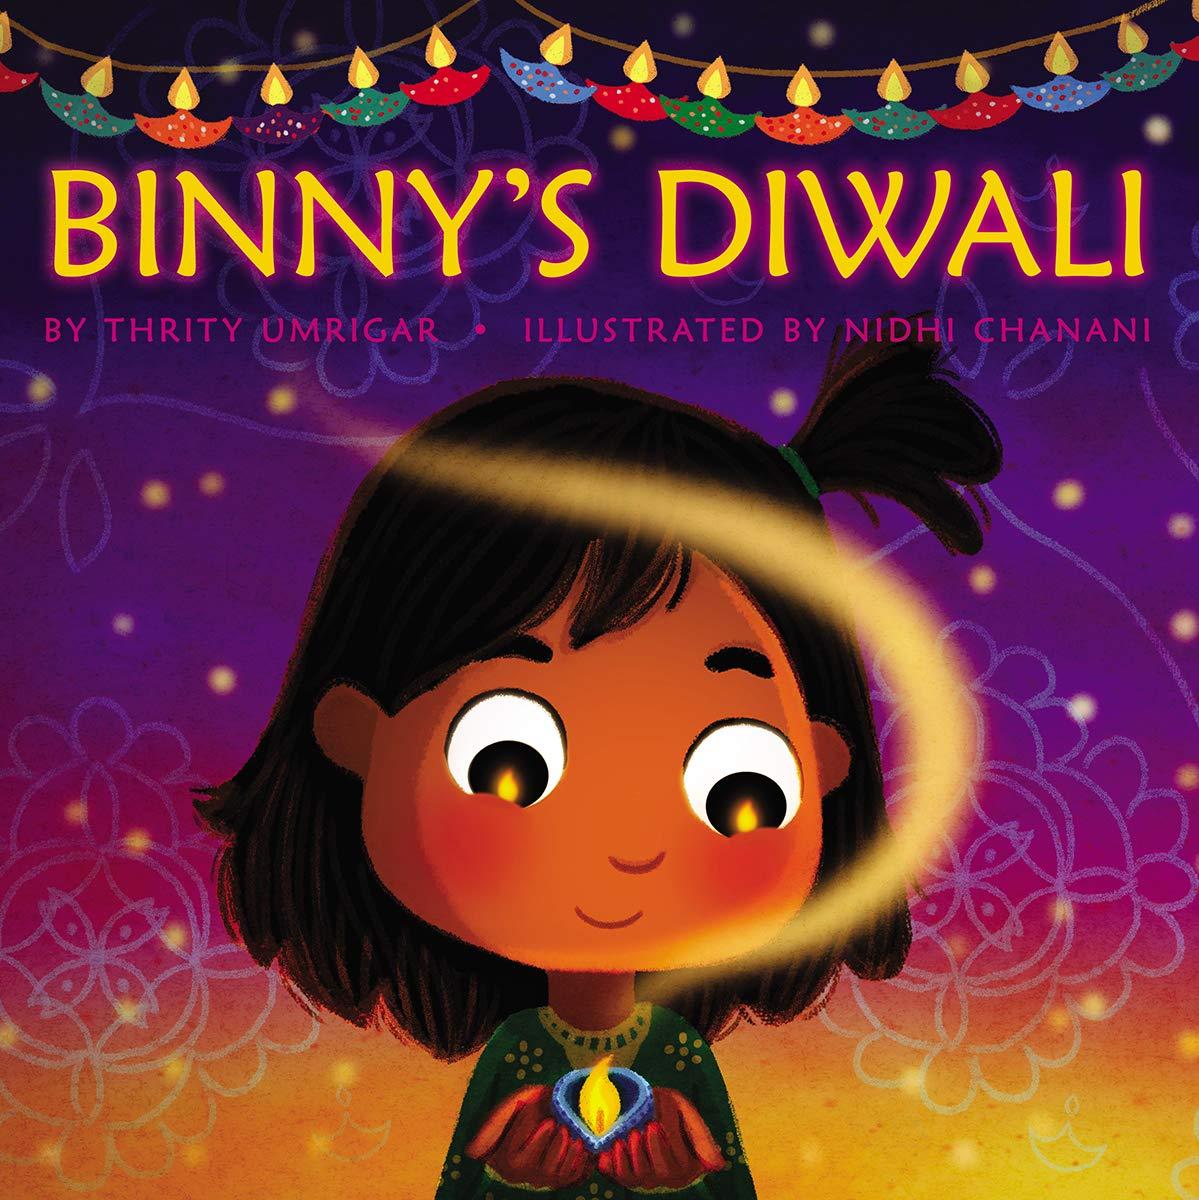 Binny's Diwali by Thrity Umrigar